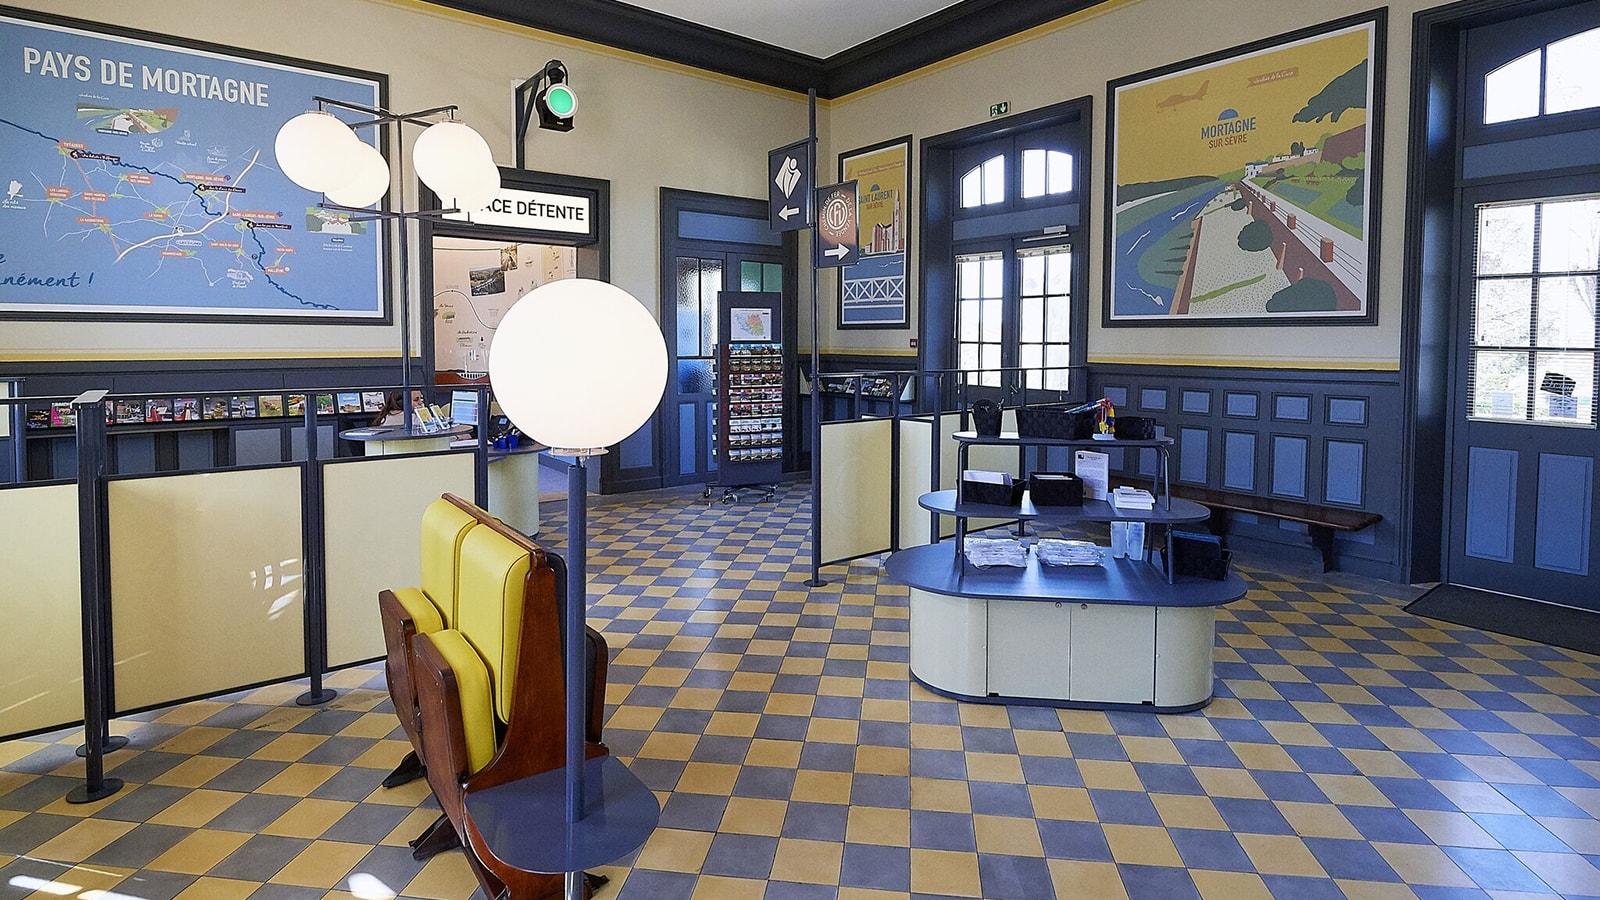 EFI Design Office De Tourisme Mortagne Efi Design (6) 1143